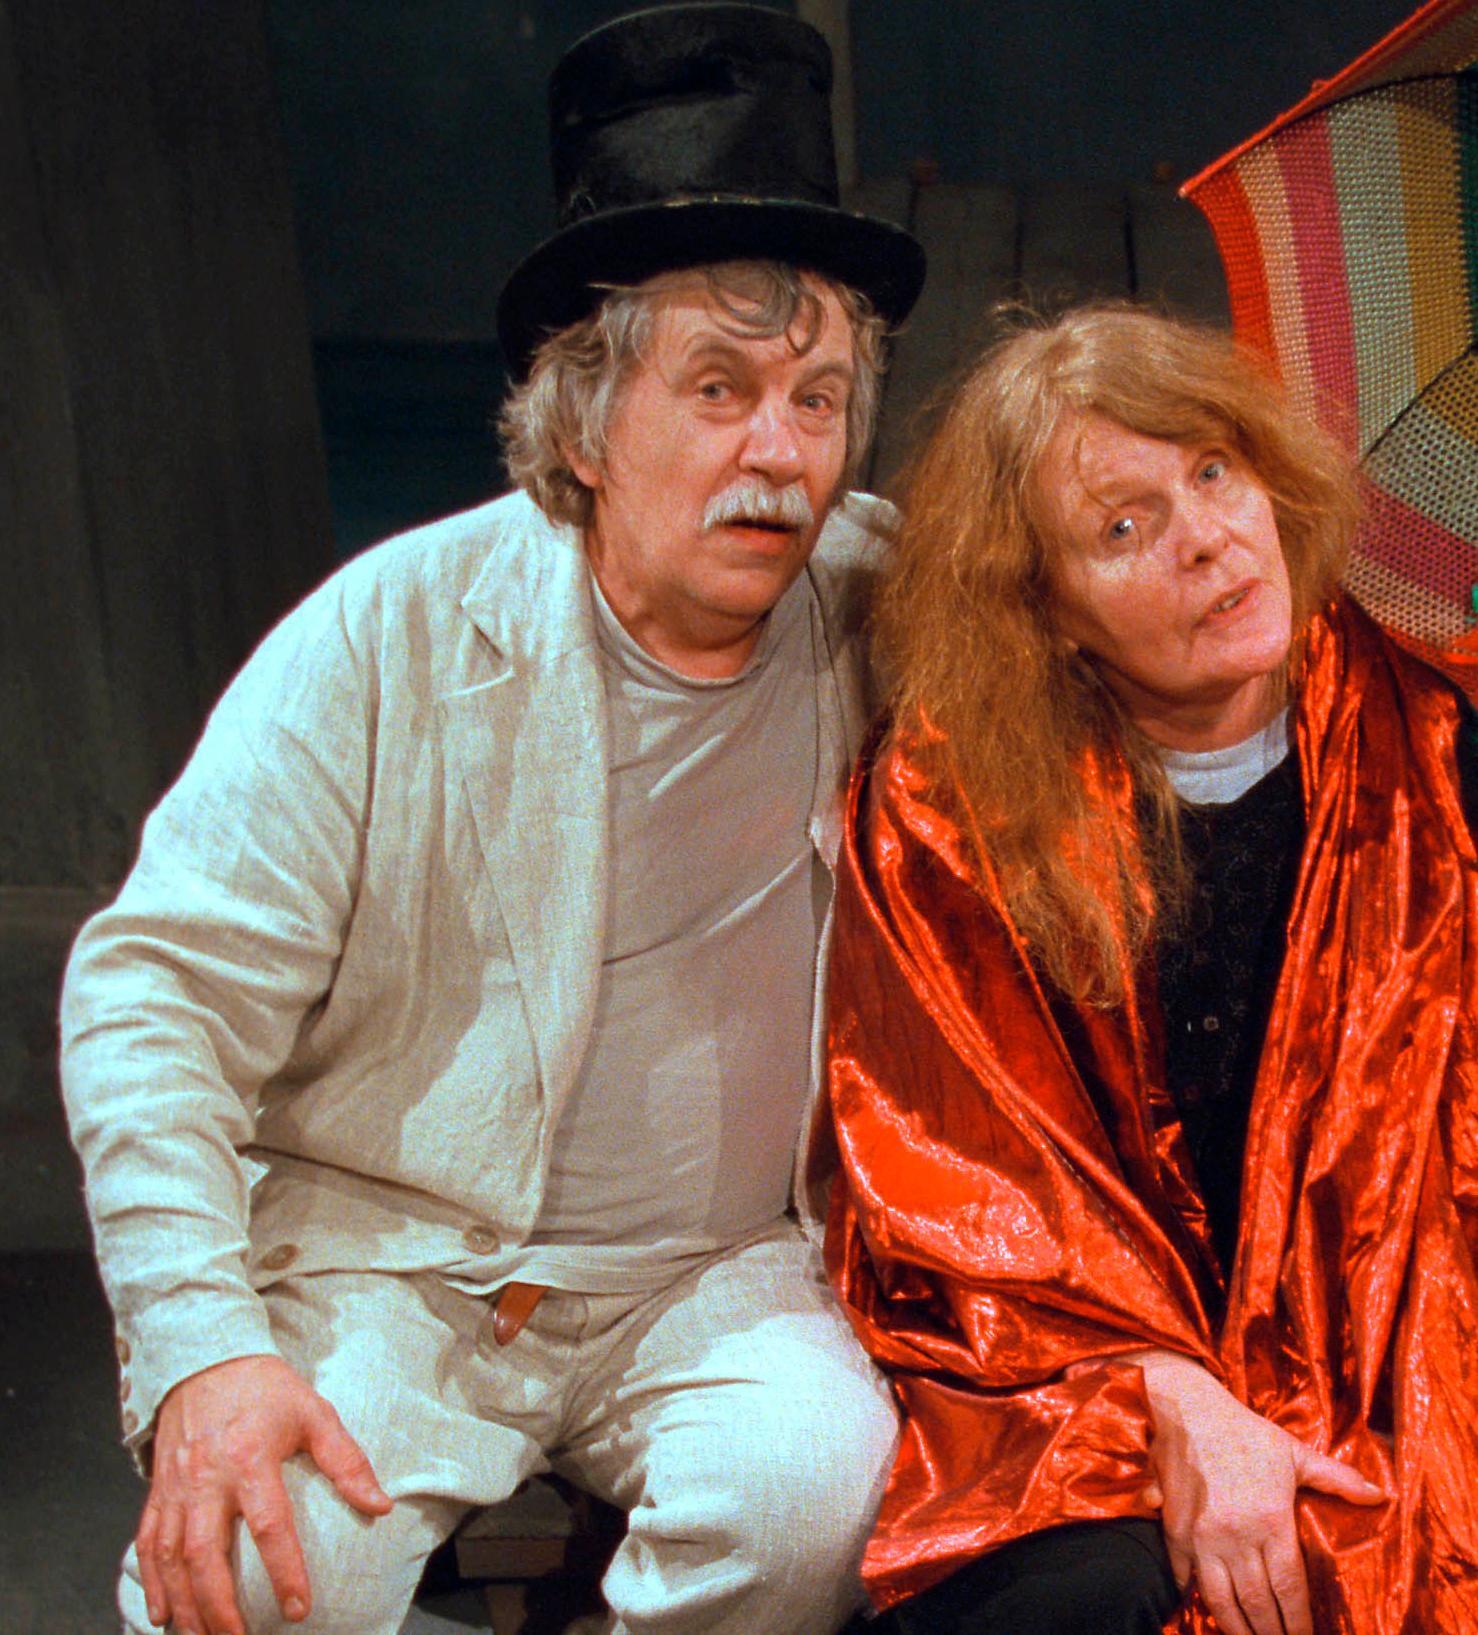 Staffan Westerberg och Kristina Lugn på Teater Brunnsgatan 4.